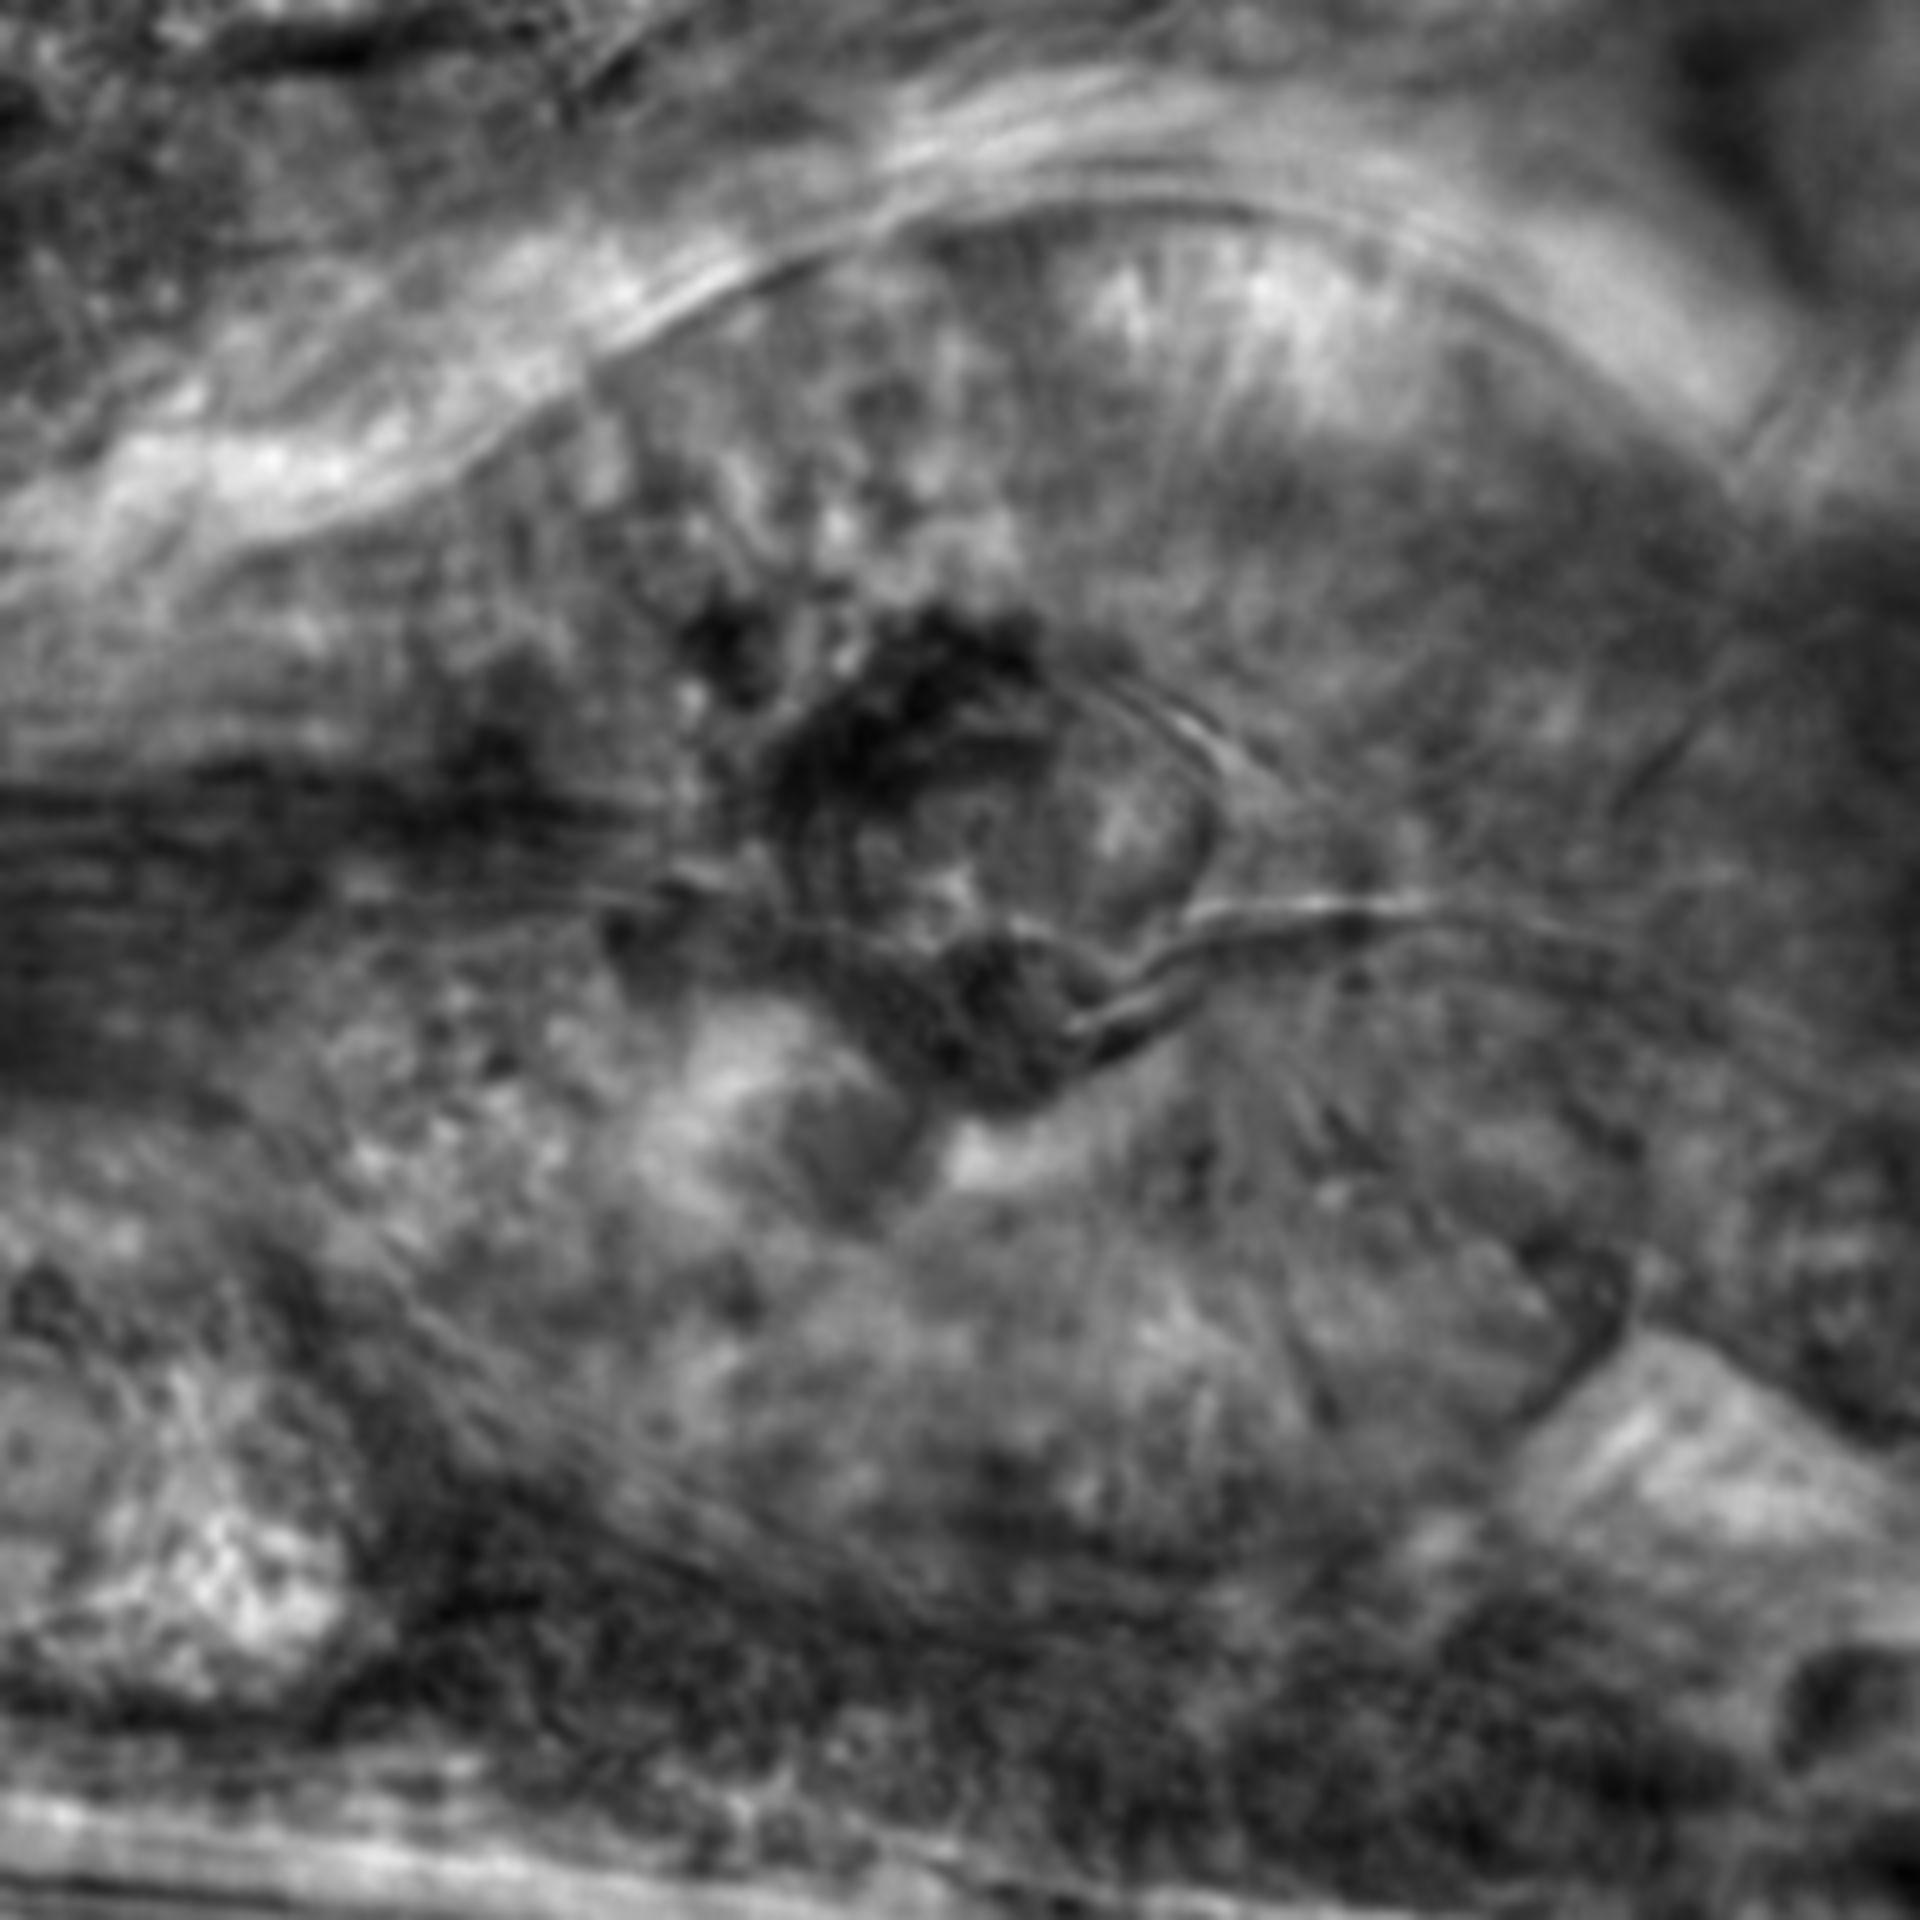 Caenorhabditis elegans - CIL:2678